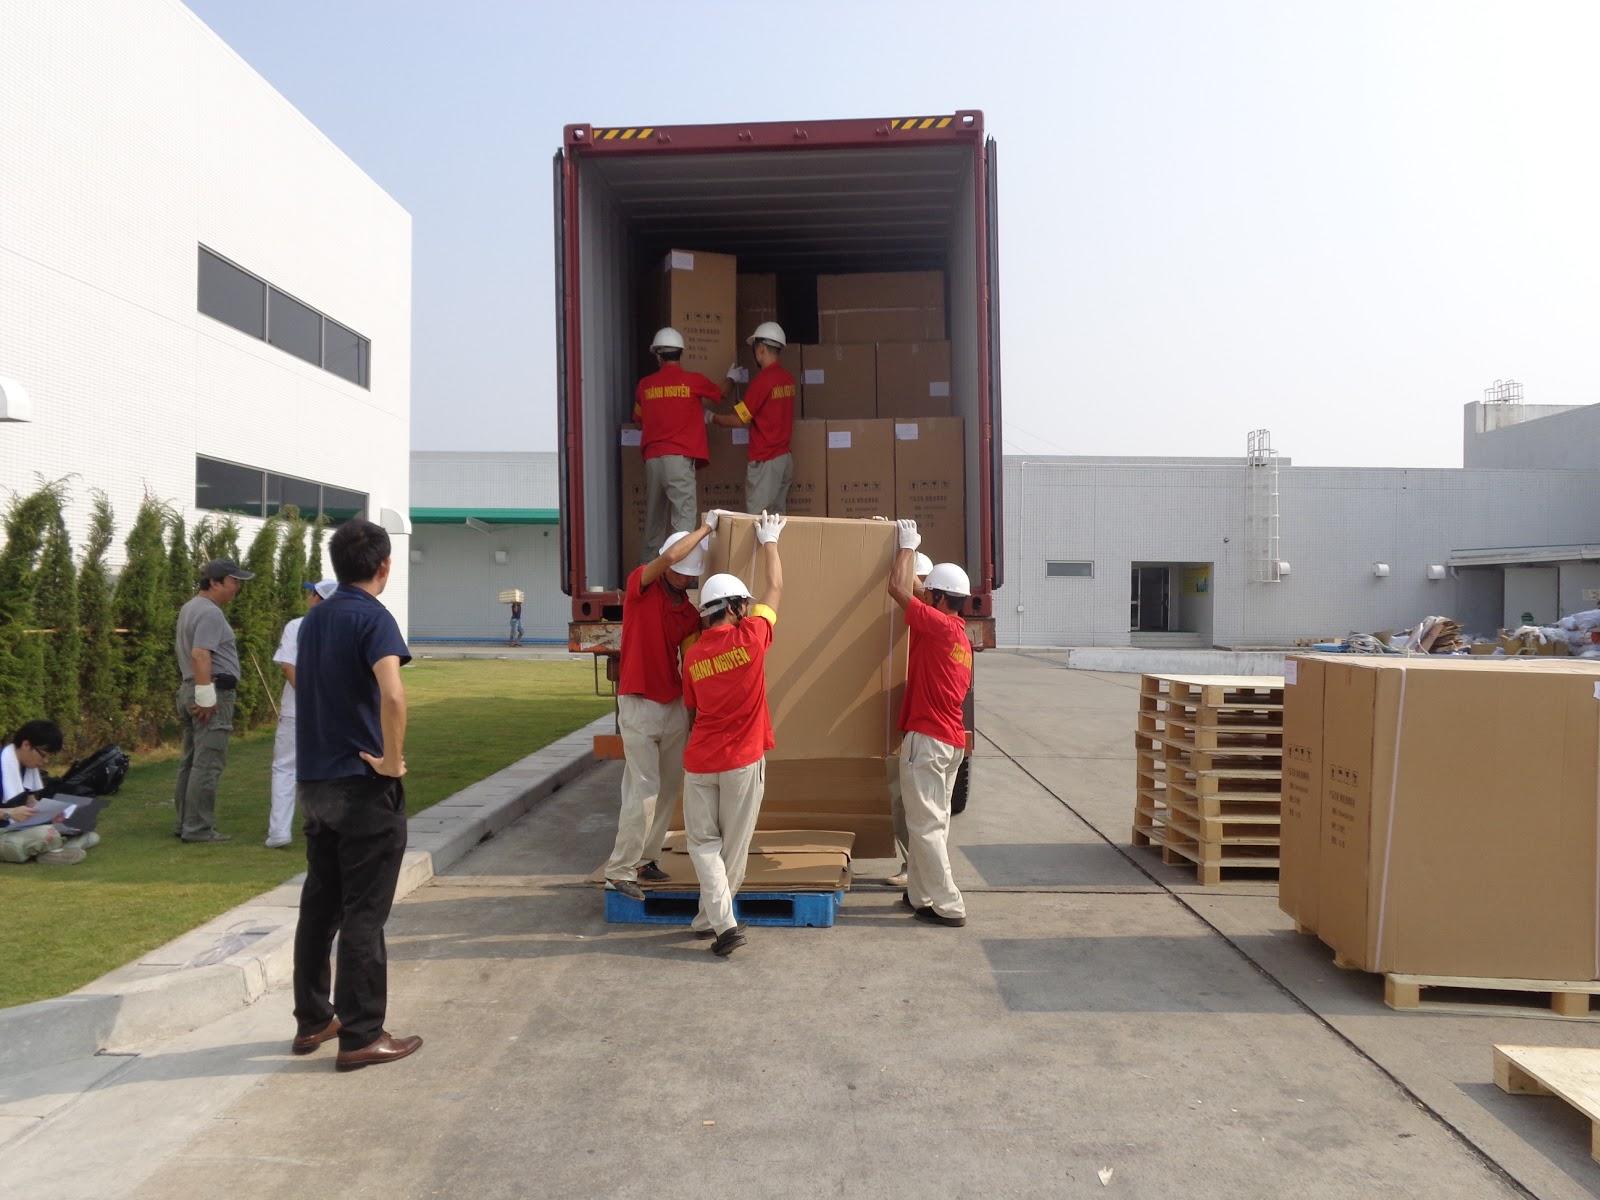 Dịch vụ bốc xếp hàng hóa quận Tân Phú uy tín, giá rẻ tại Tphcm